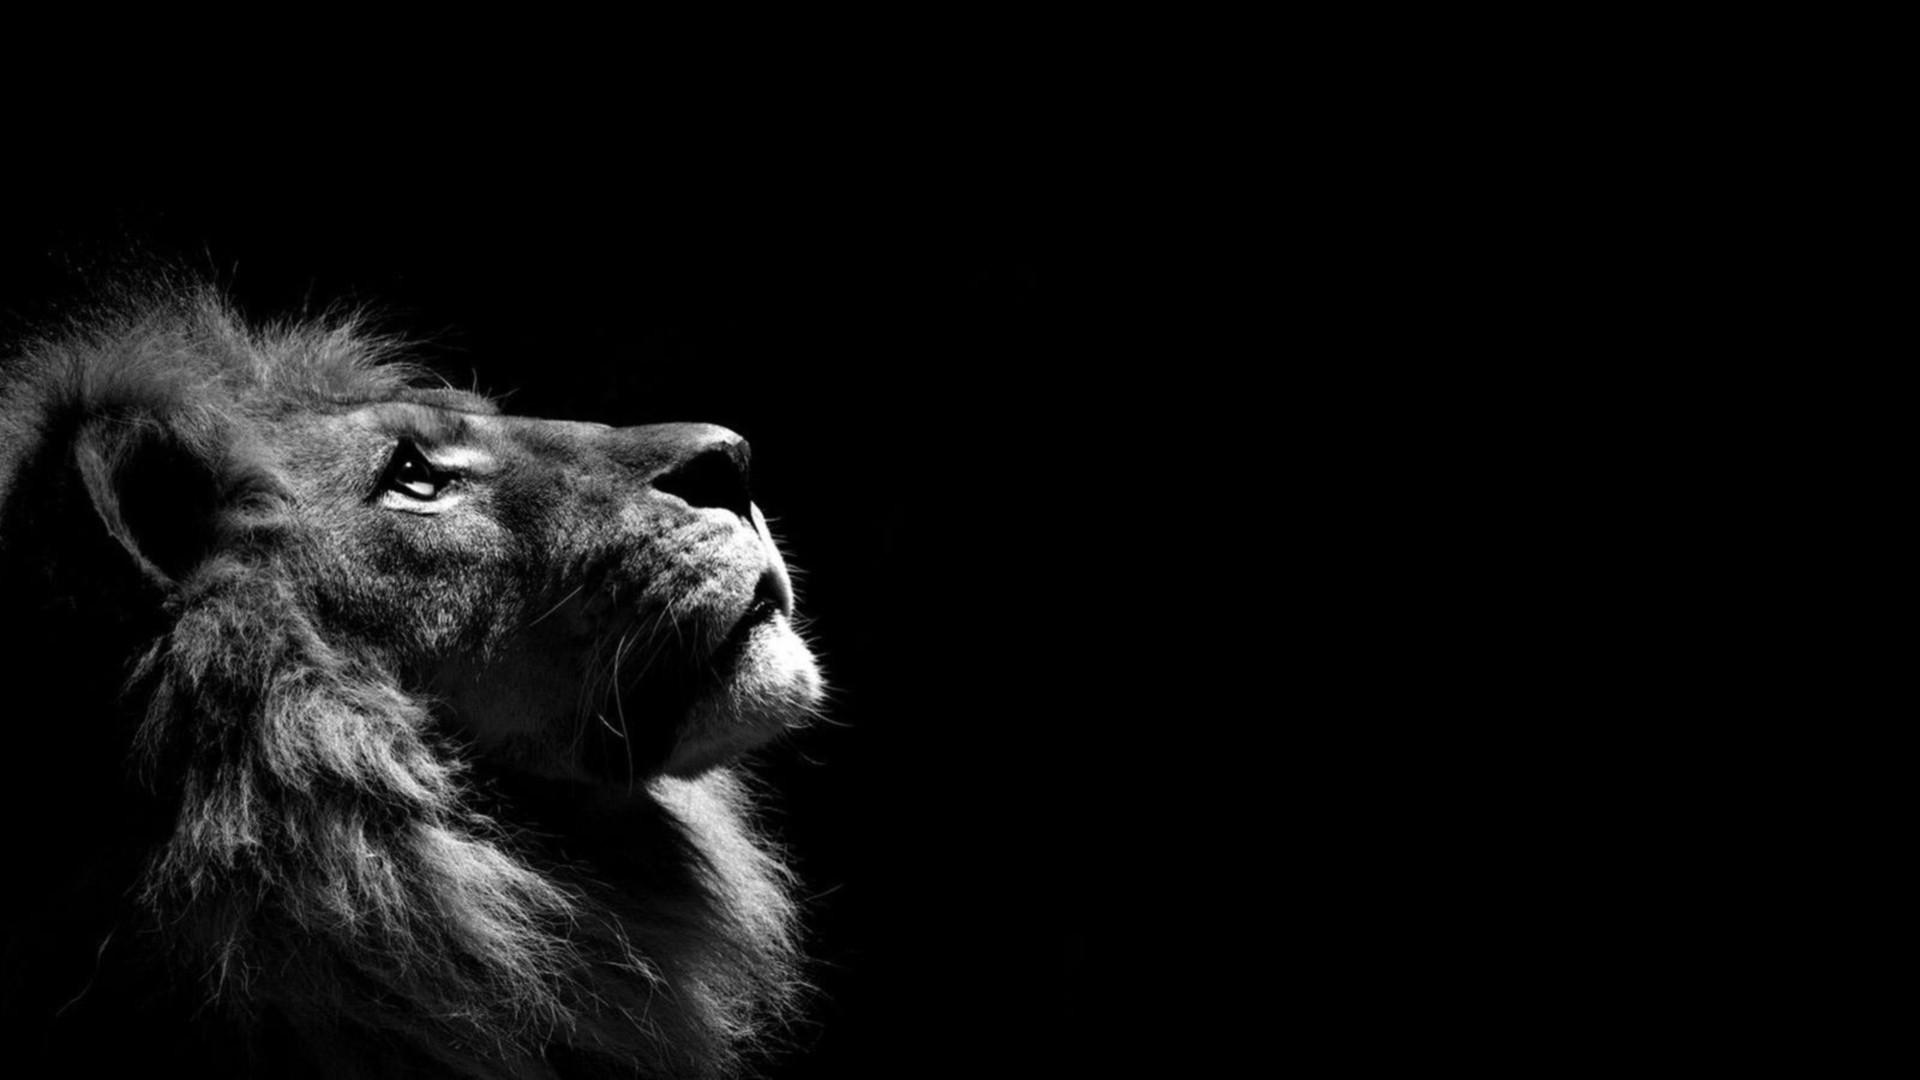 Fond d'écran : Monochrome, Lion, obscurité, mammifère, 1920x1080 px, noir et blanc, Photographie ...